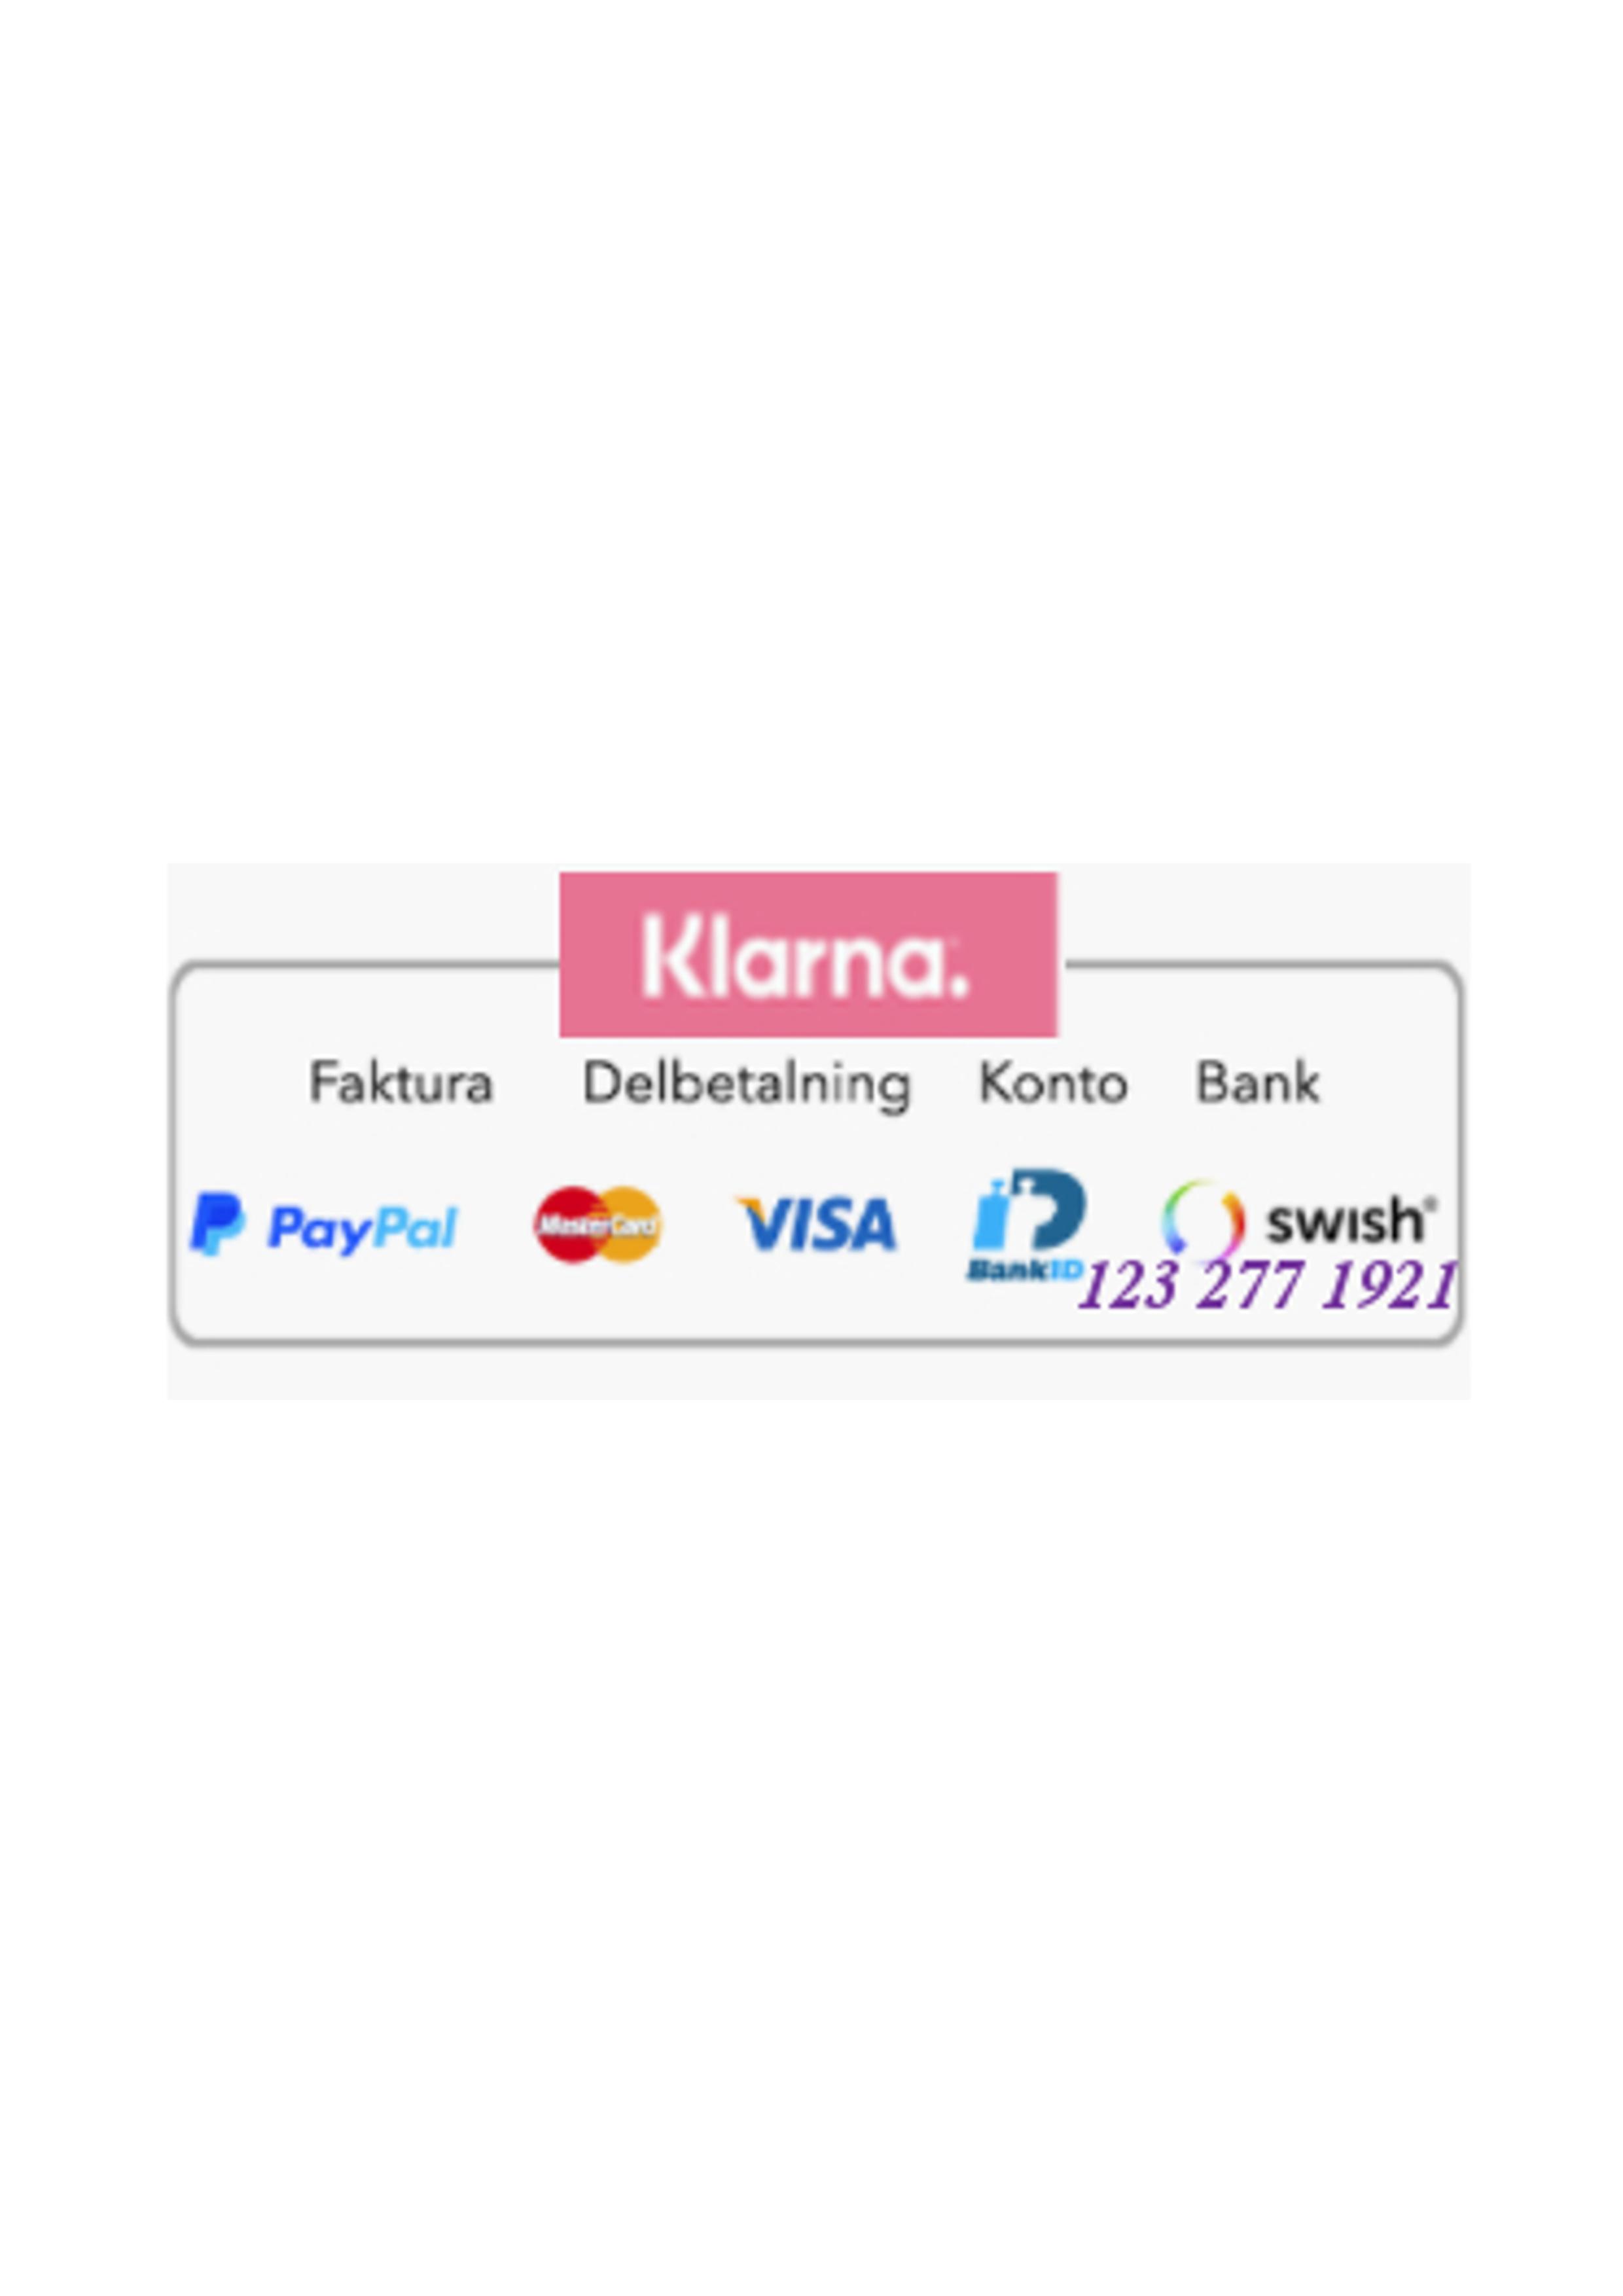 Klarna betalningkort--.jpg